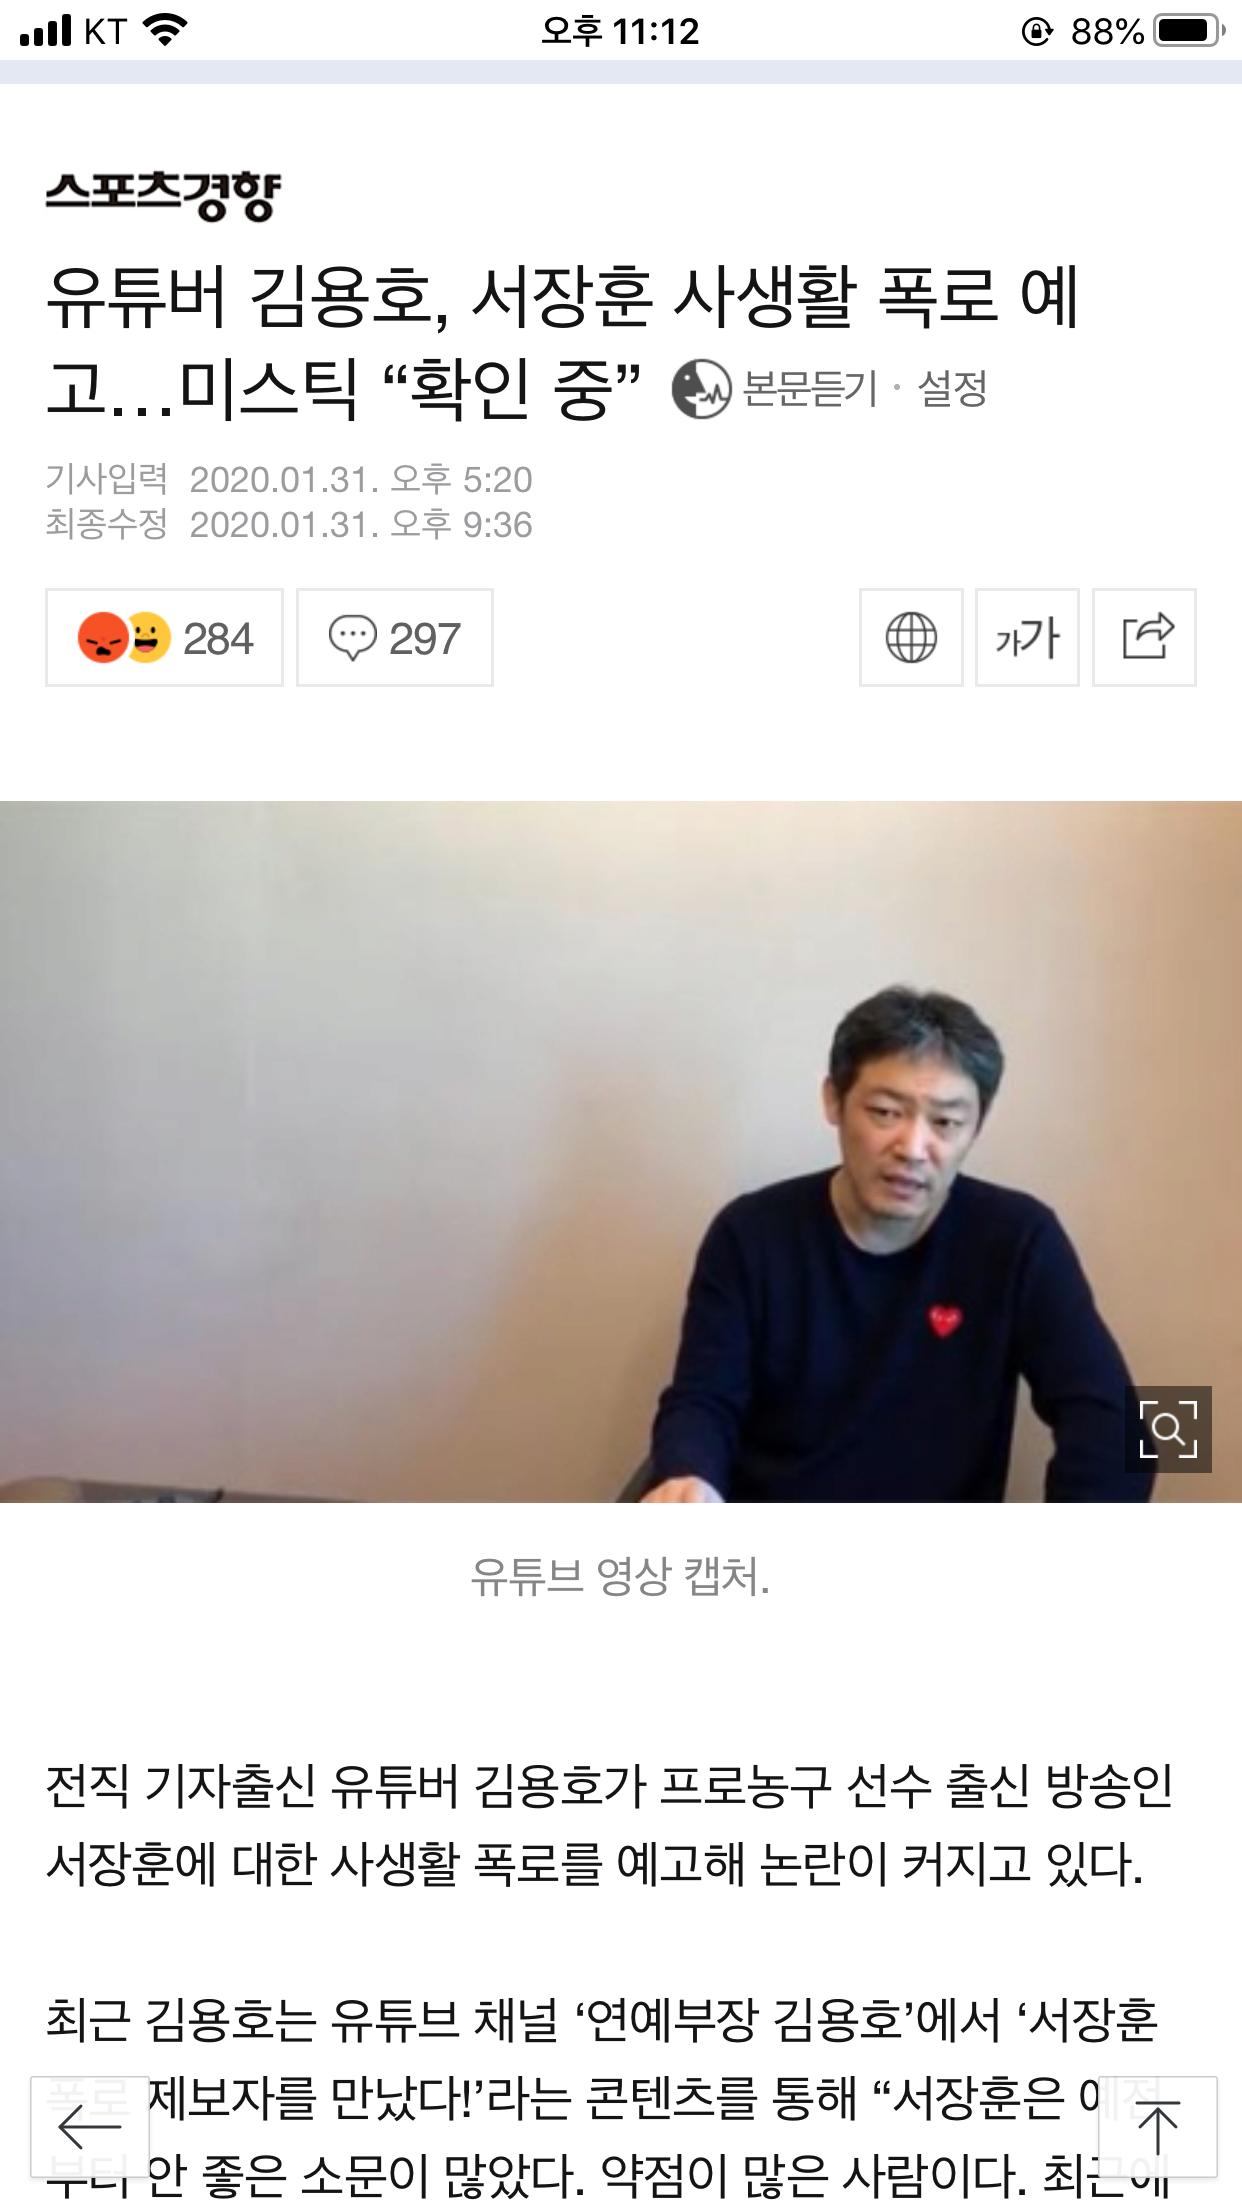 이번엔 서장훈 폭로 예고한 연예부 김부장 근황